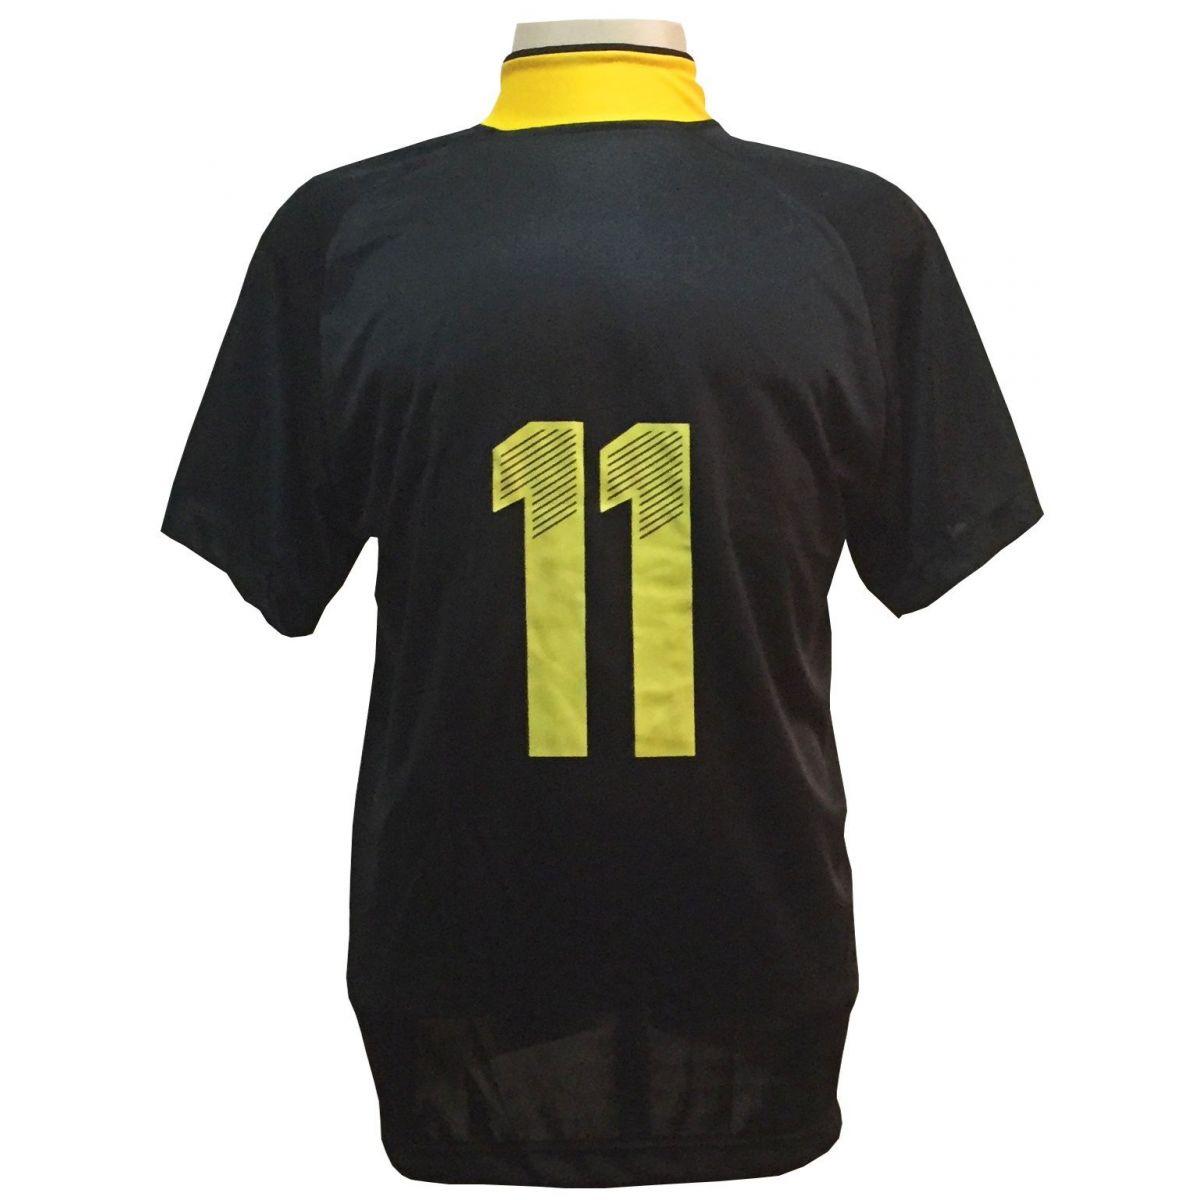 Jogo de Camisa com 20 unidades modelo Milan Preto/Amarelo + 1 Goleiro + Brindes